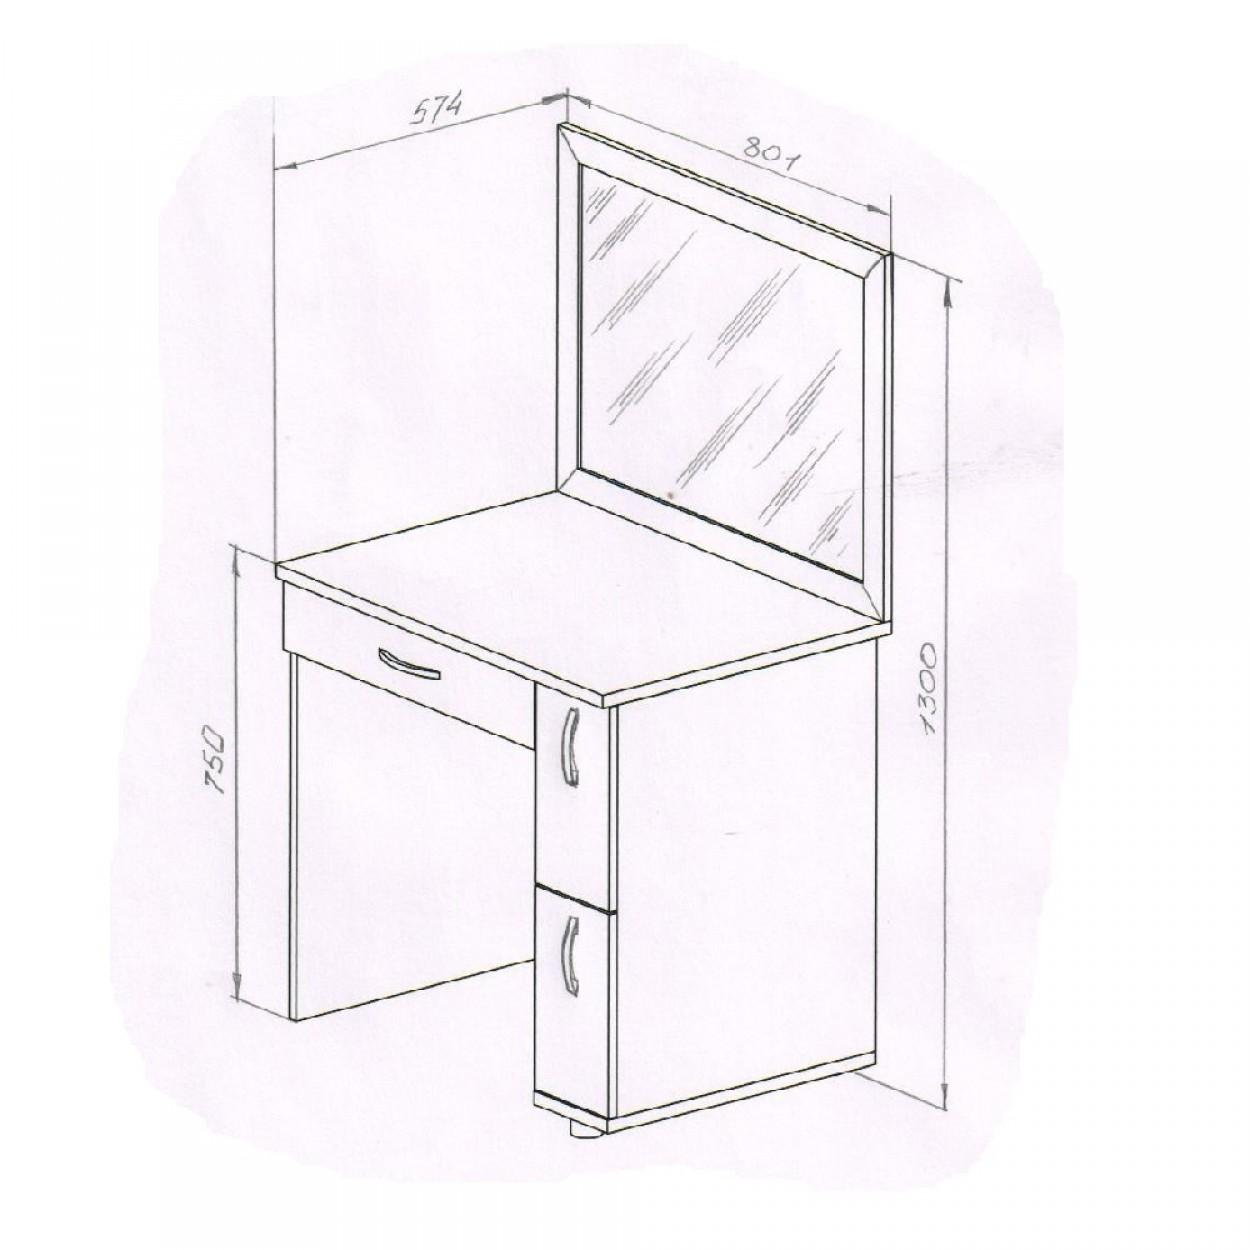 Чертеж простого столика, который можно сделать быстро и дешево